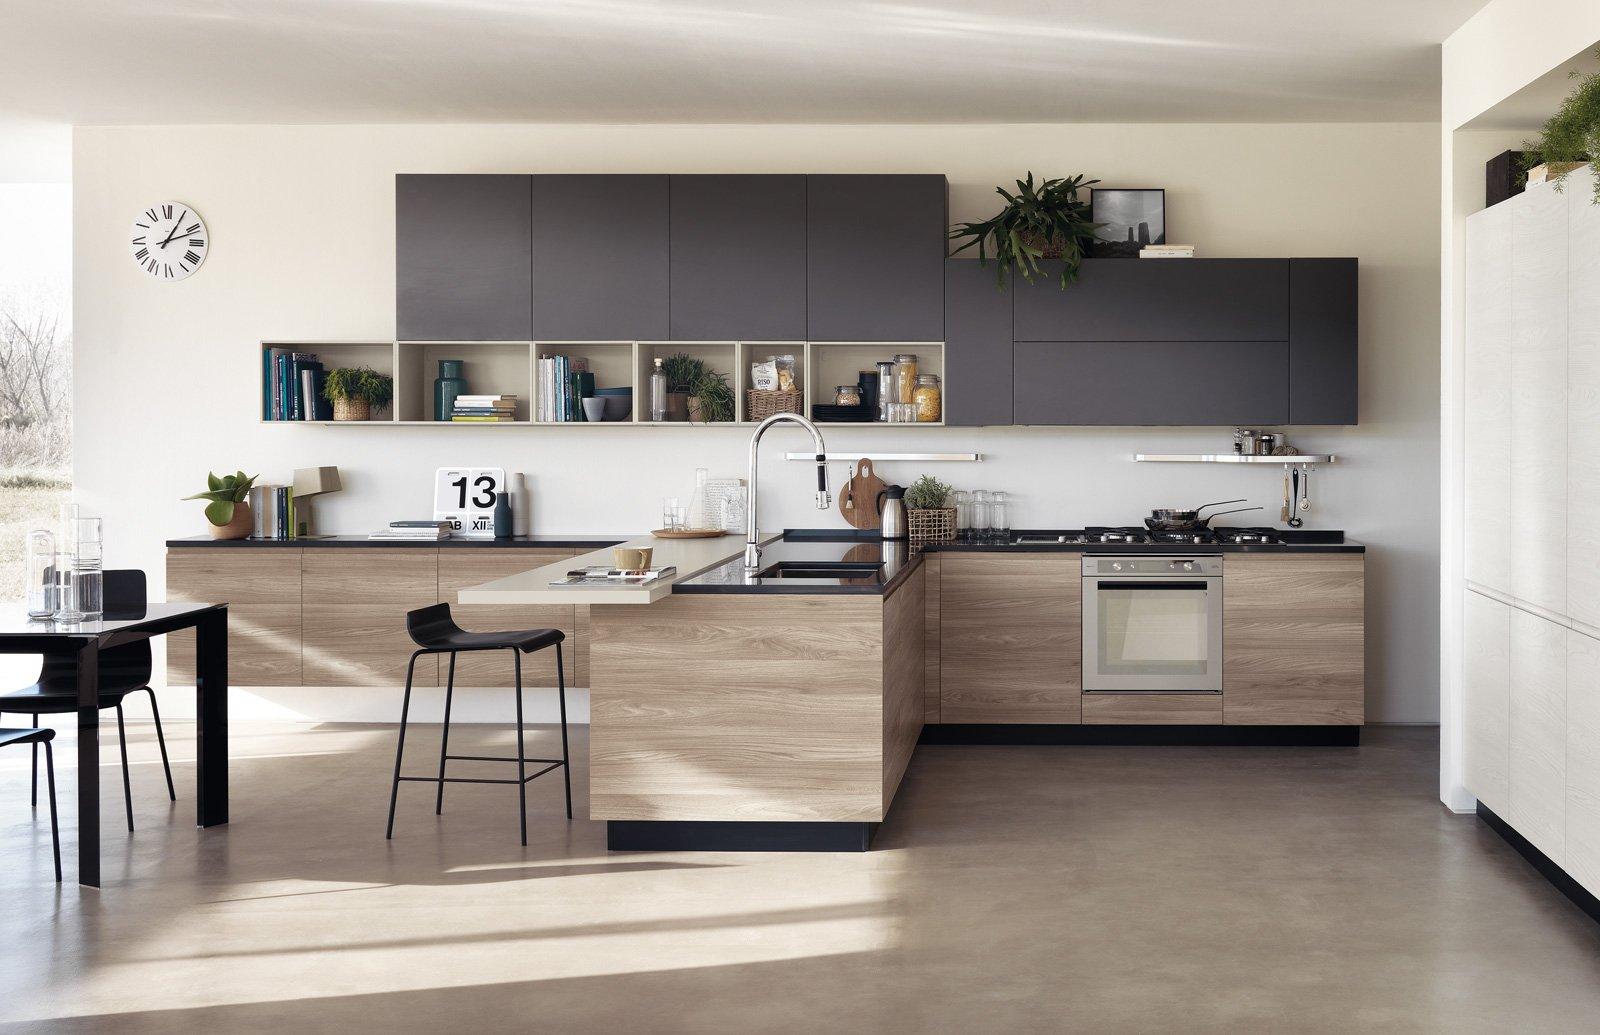 cucine bicolore: l'alternanza cromatica fa tendenza - cose di casa - Cucine Bianche E Grigie Scavolini